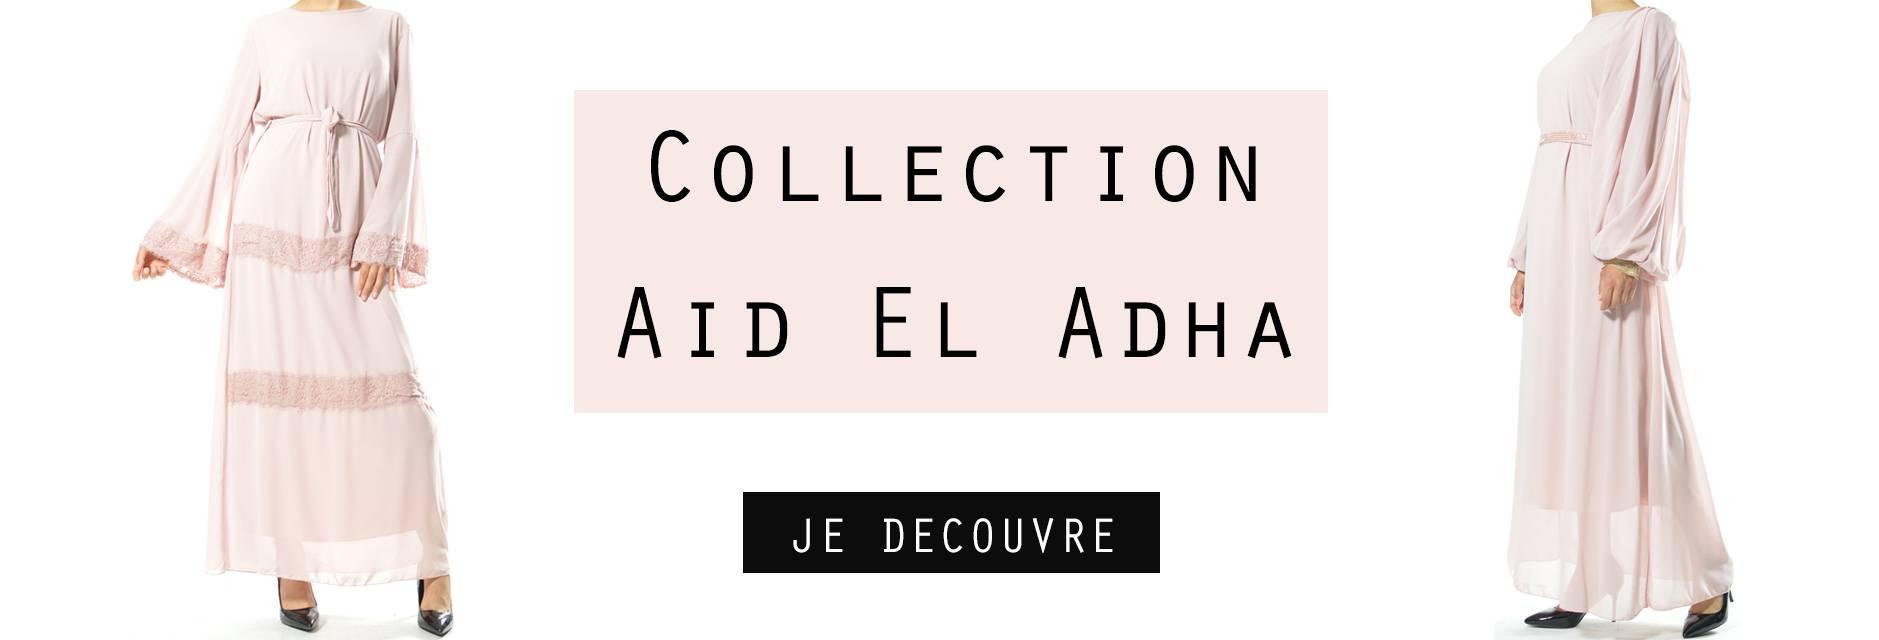 Aid El Adha 2018